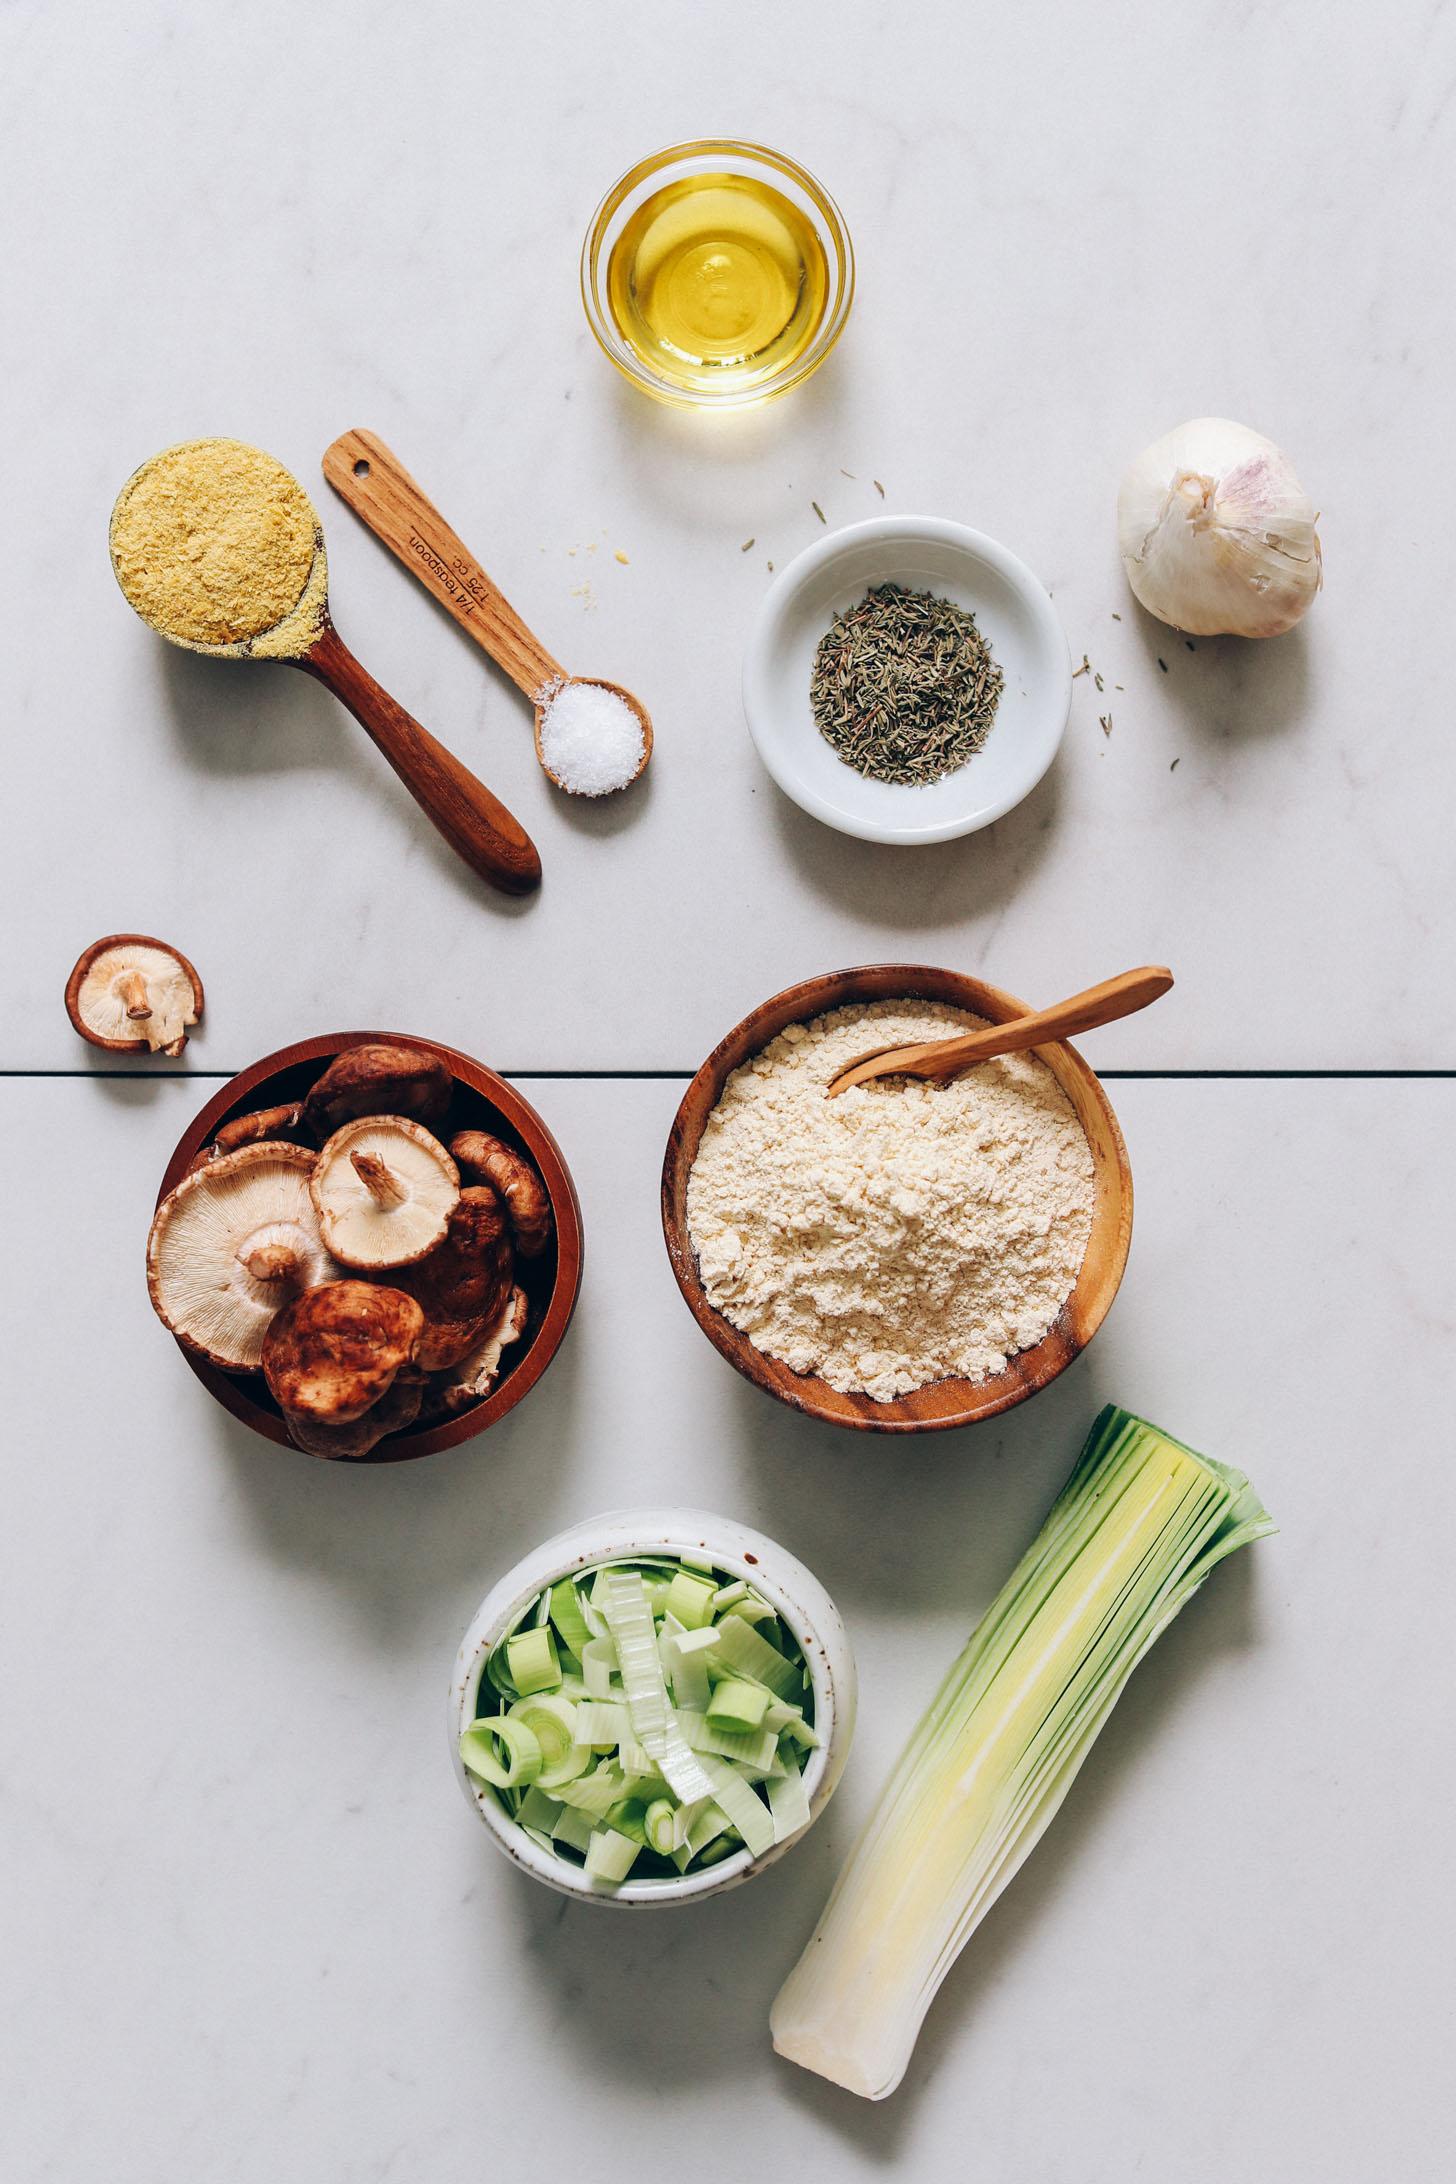 Táplálkozási élesztő, só, olívaolaj, kakukkfű, fokhagyma, csicseriborsóliszt, póréhagyma és gomba